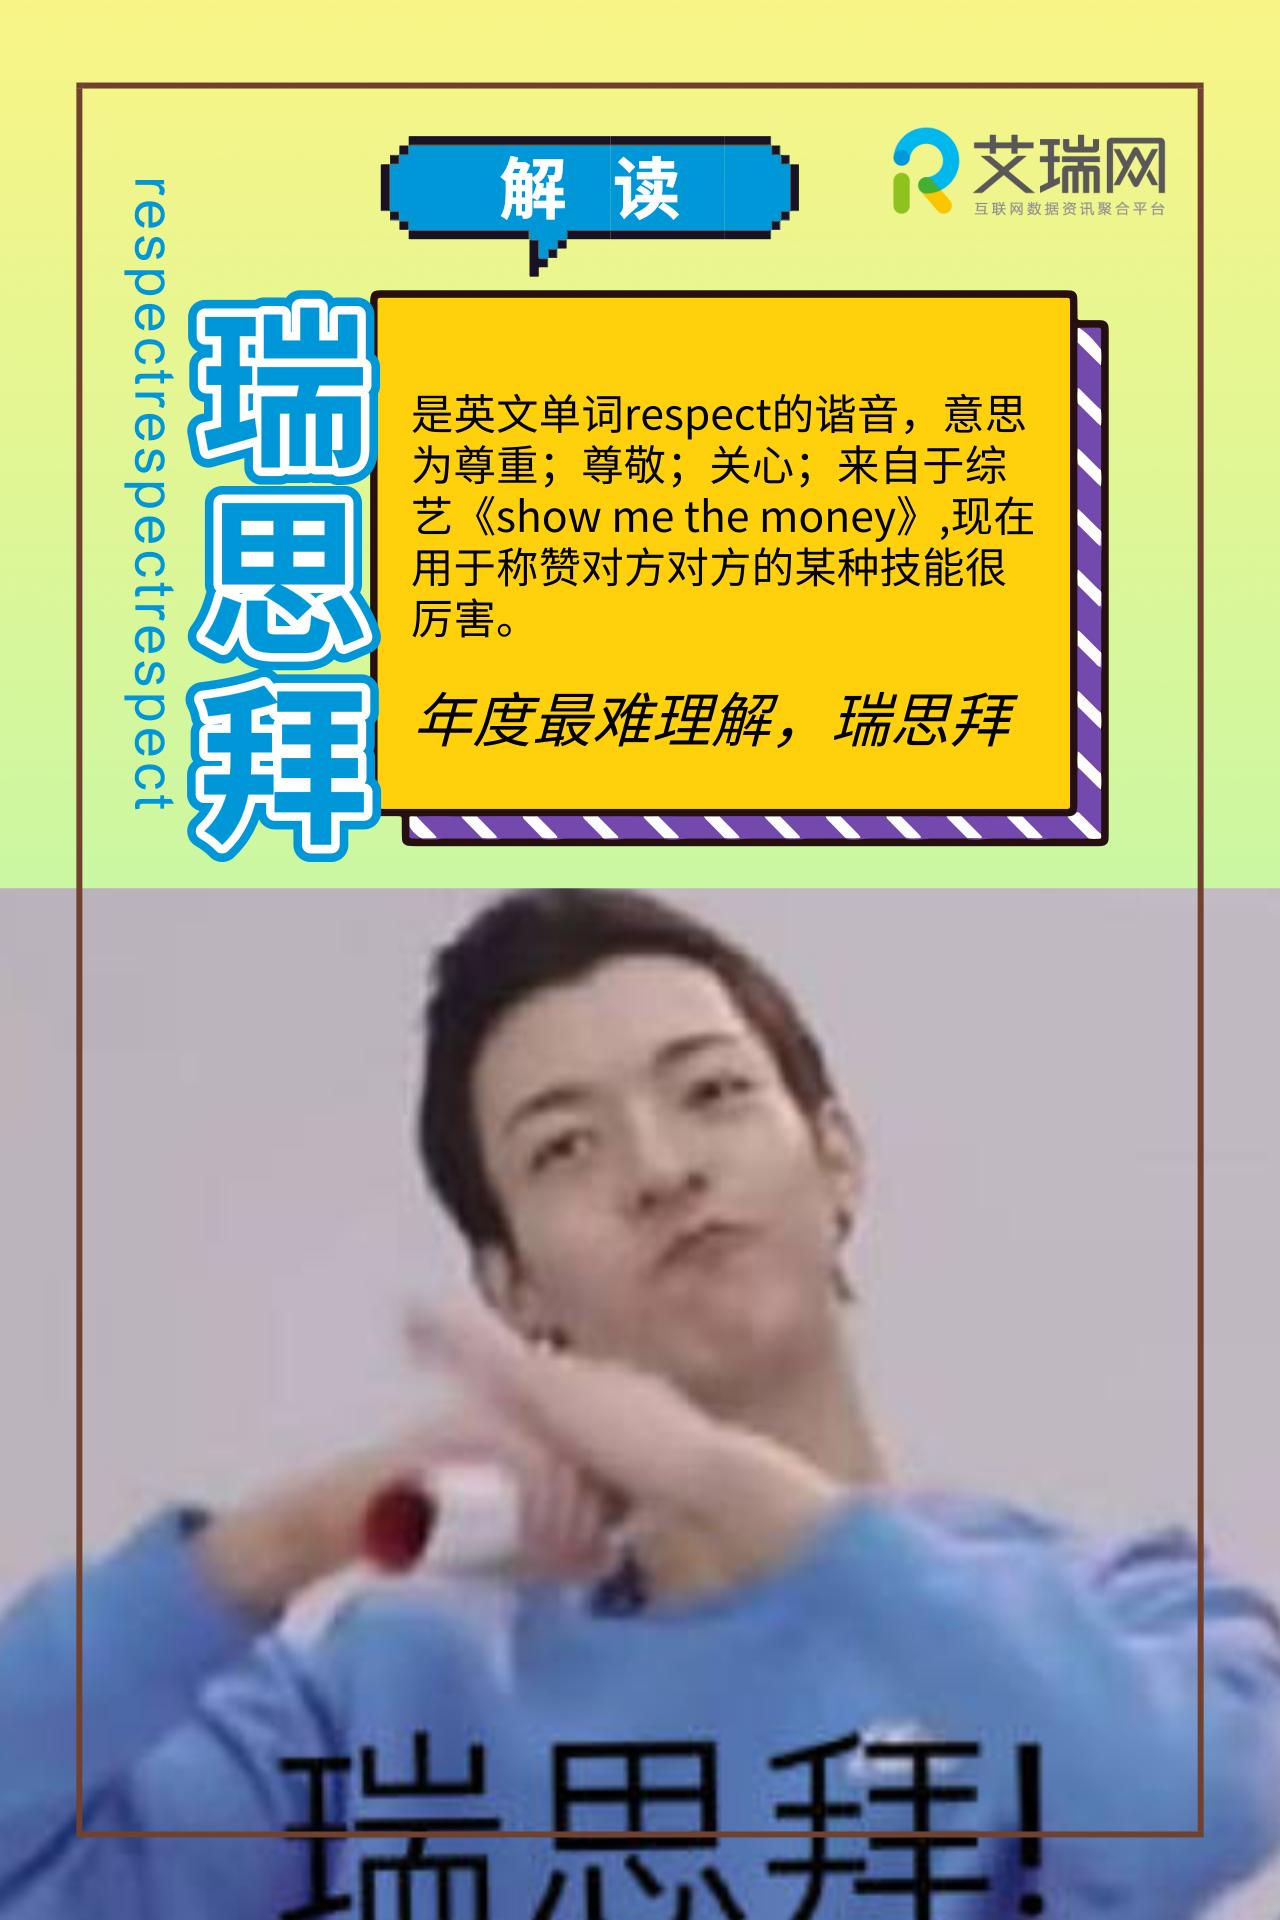 副本_未命名_公众号配图(竖版)_2018.12.04 (8).png